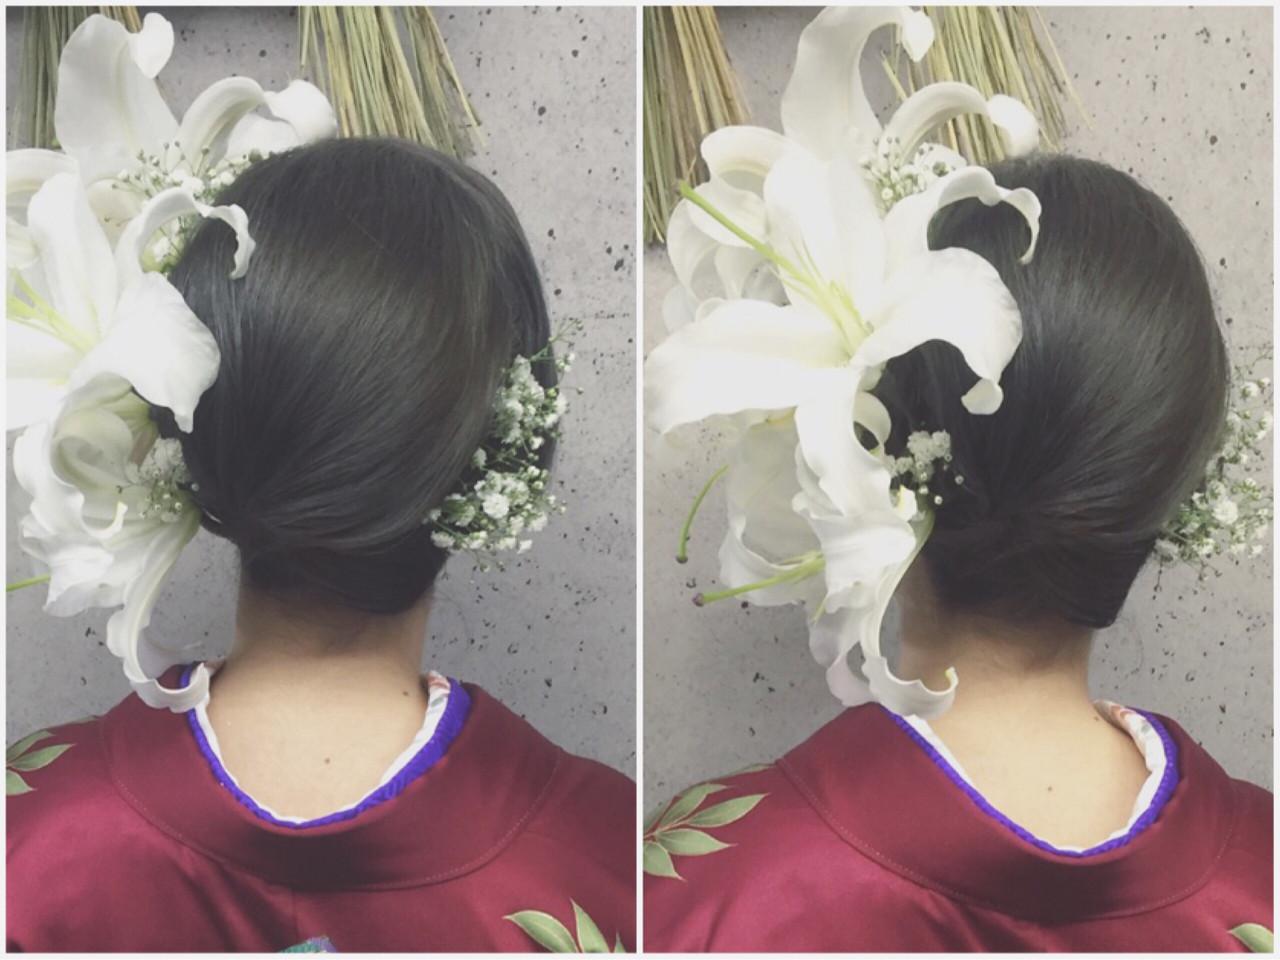 ヘアアレンジ 振袖 成人式 ロング ヘアスタイルや髪型の写真・画像